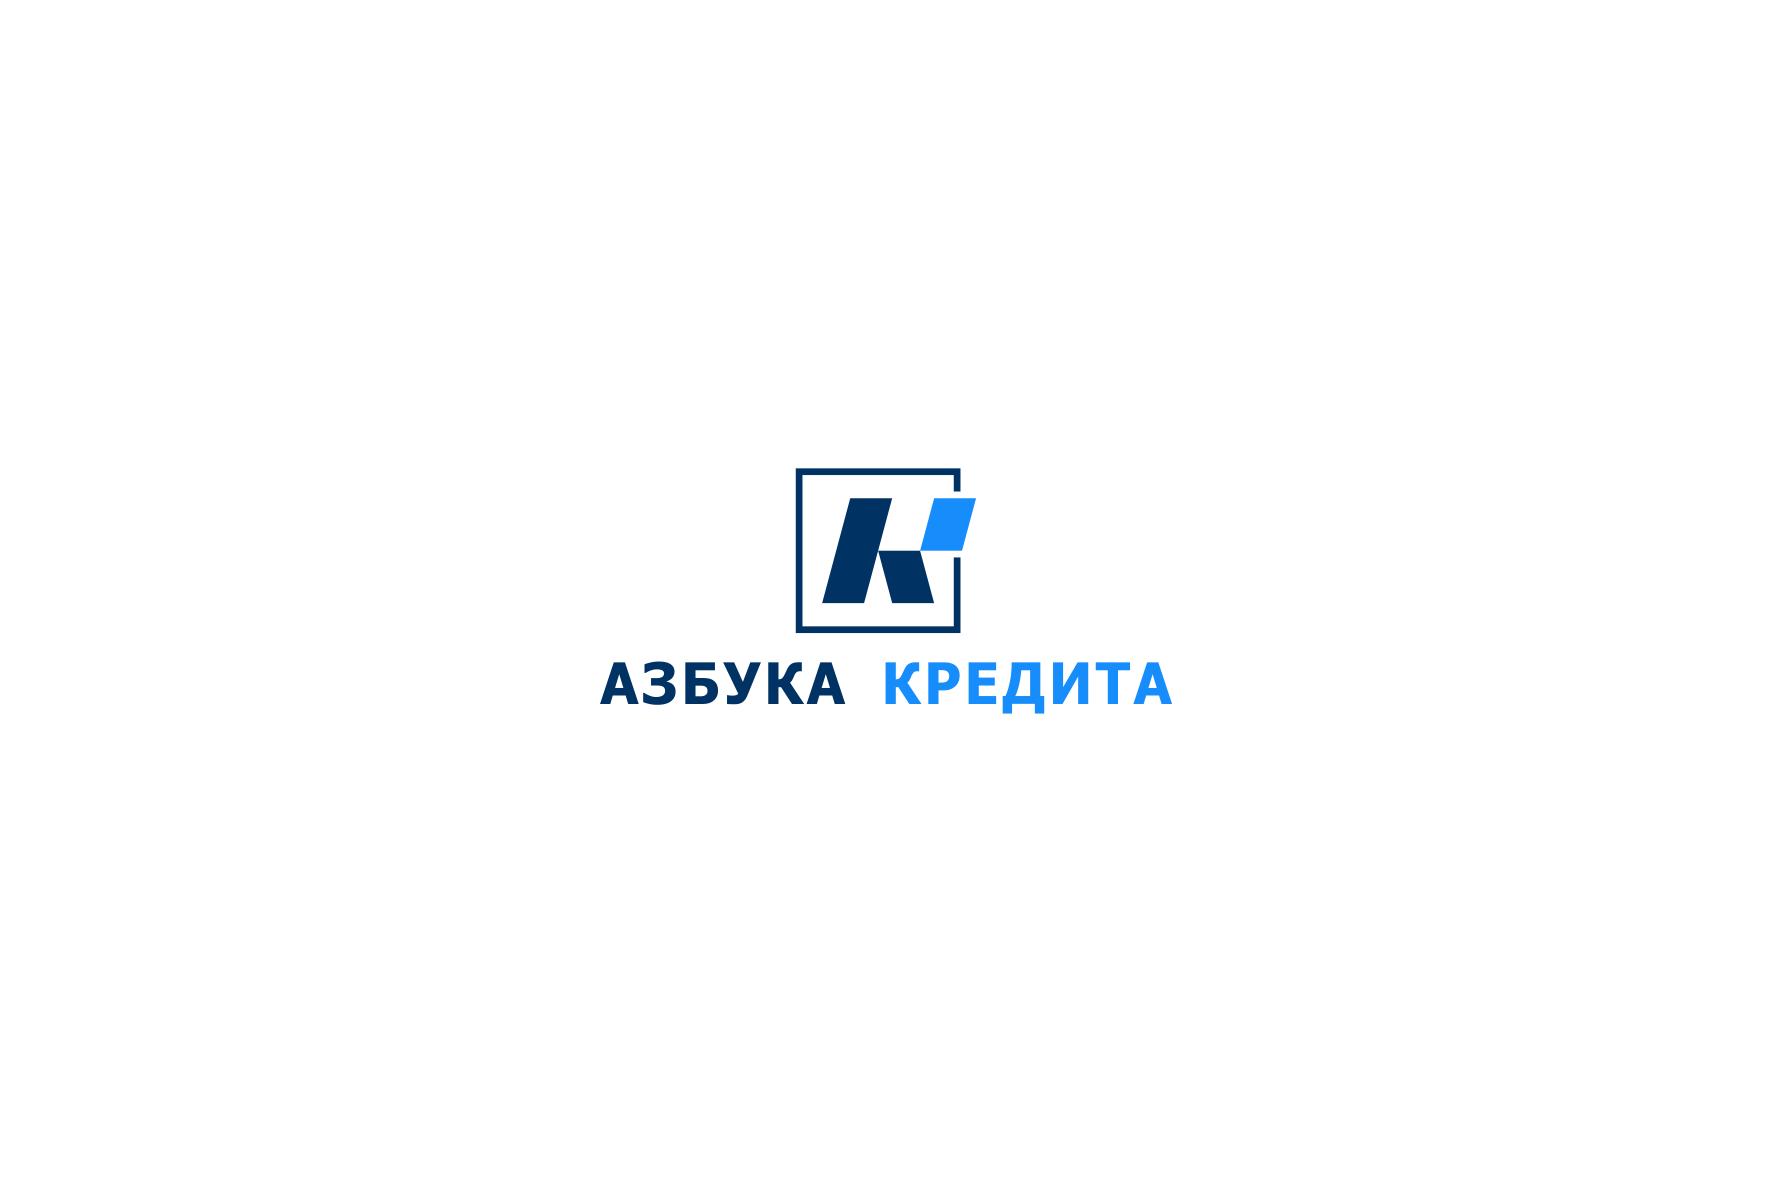 Разработать логотип для финансовой компании фото f_9315de63c351435c.png